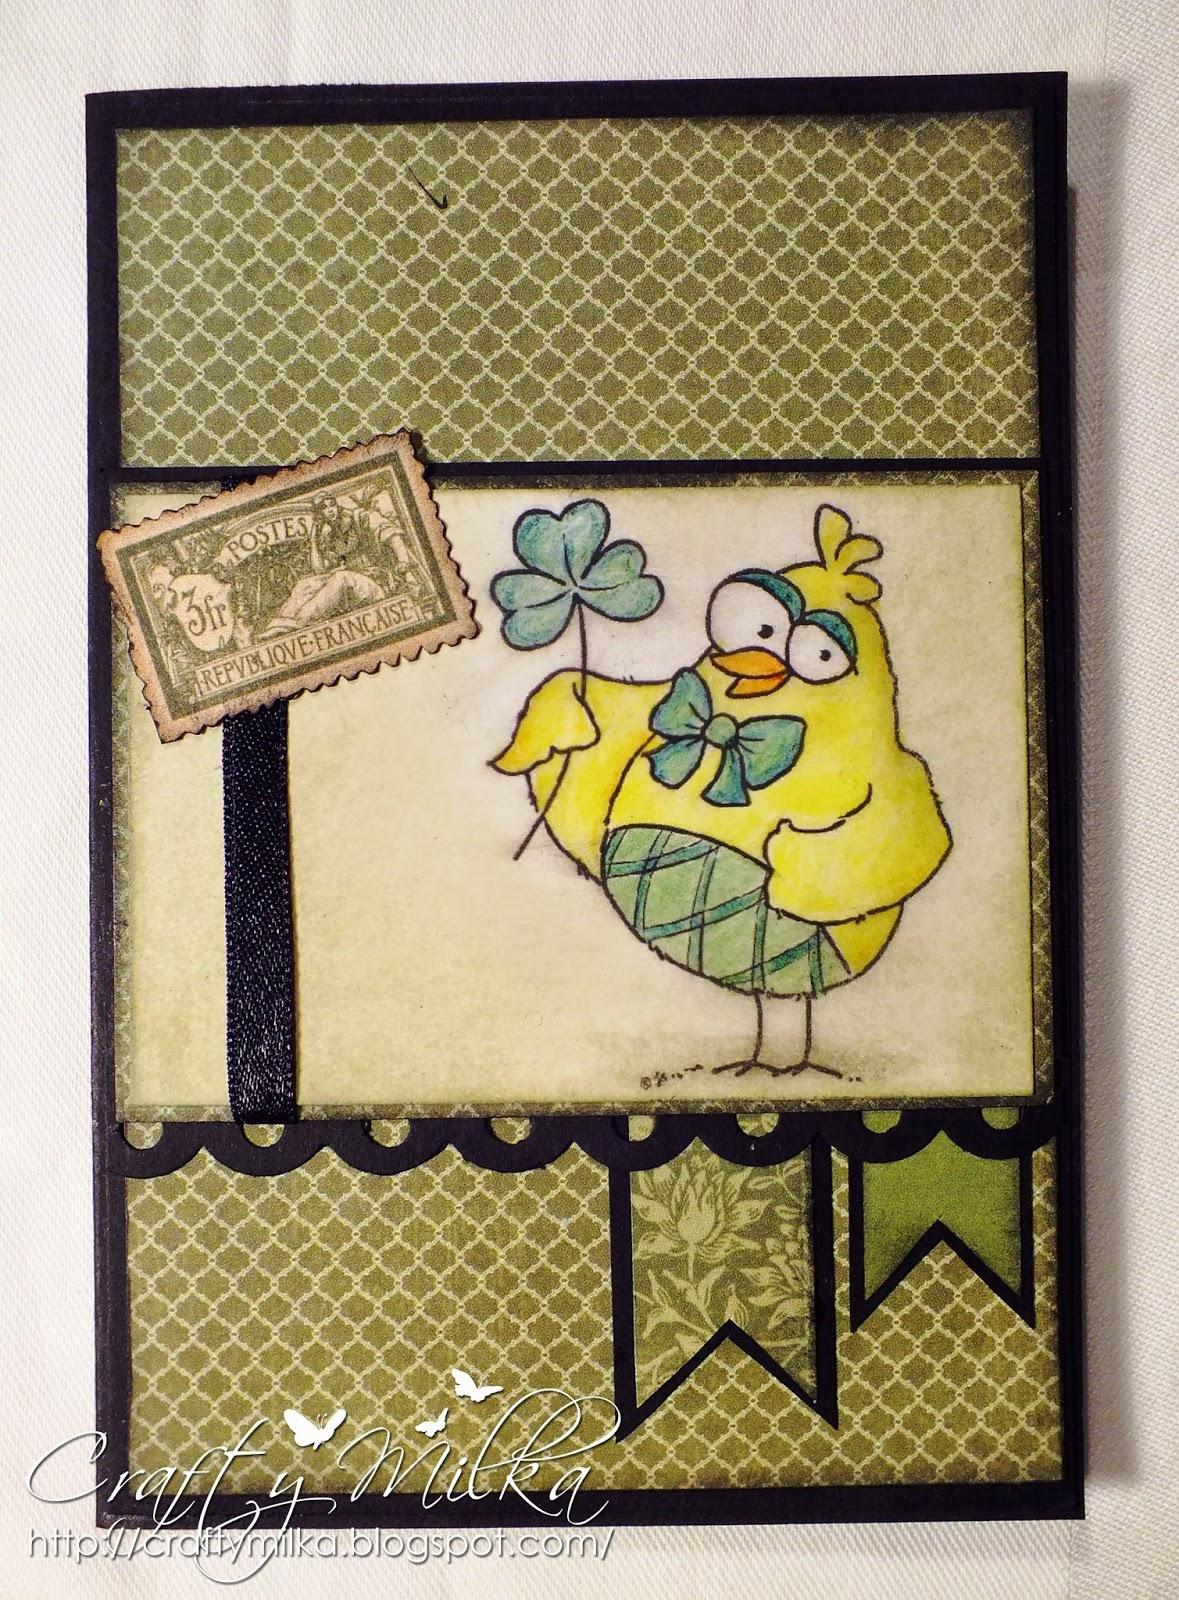 http://craftymilka.blogspot.com/2015/03/lucky-card.html